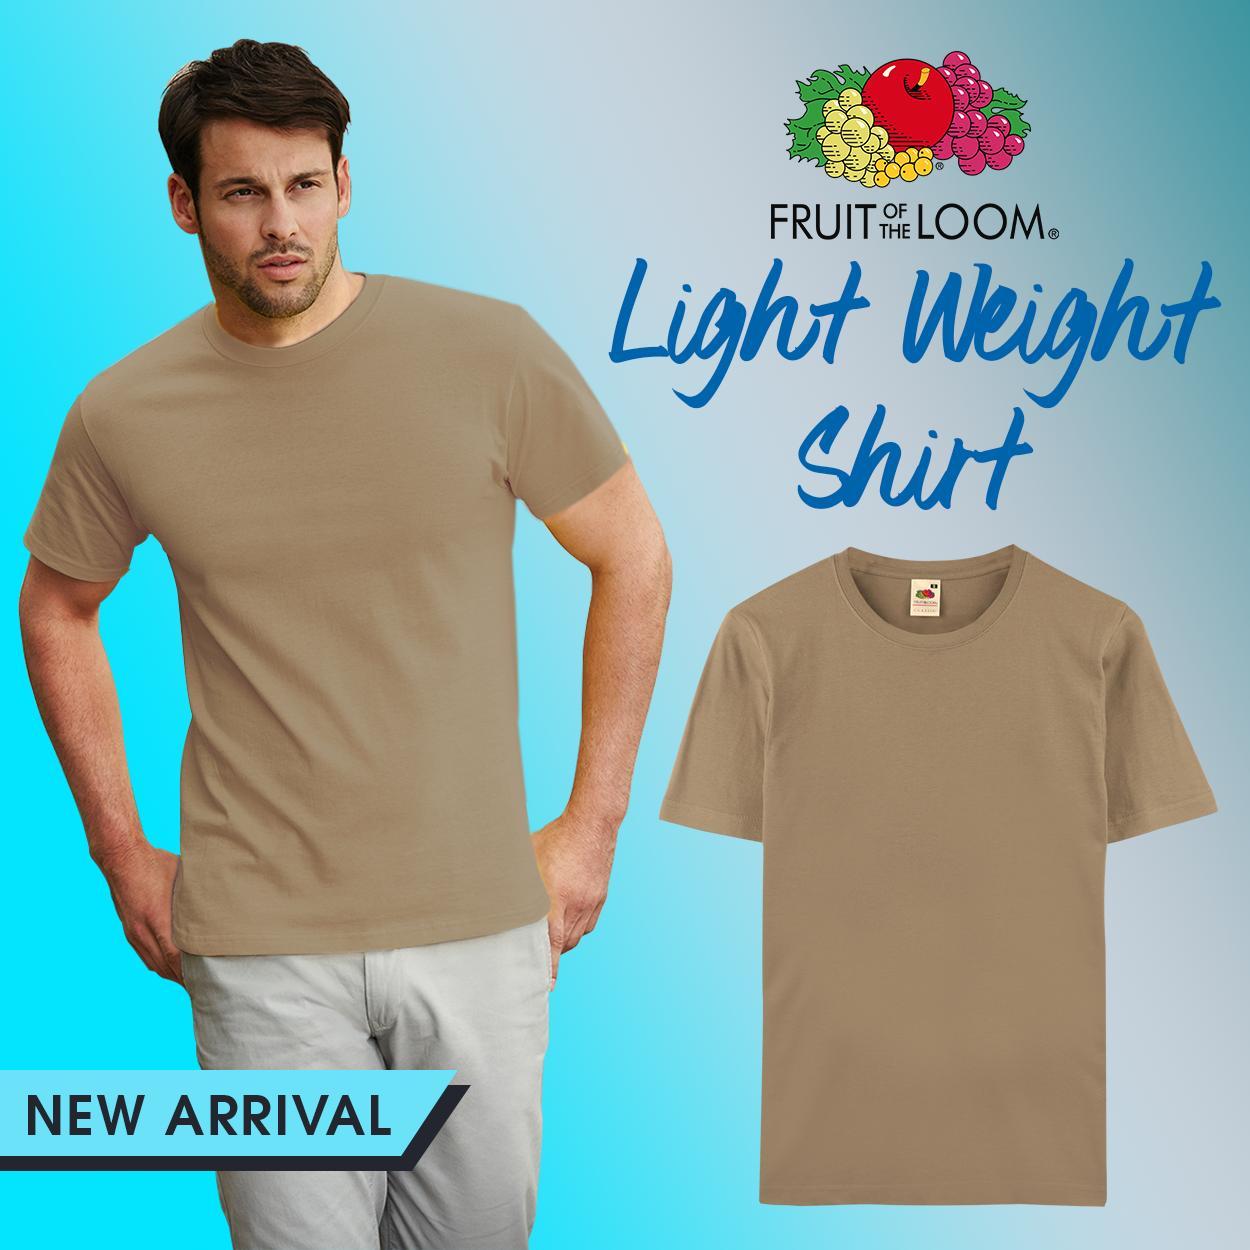 bfb834c610b86a Fruit of the Loom Unisex Classic T-shirt tshirt plain tee tees Mens t shirt